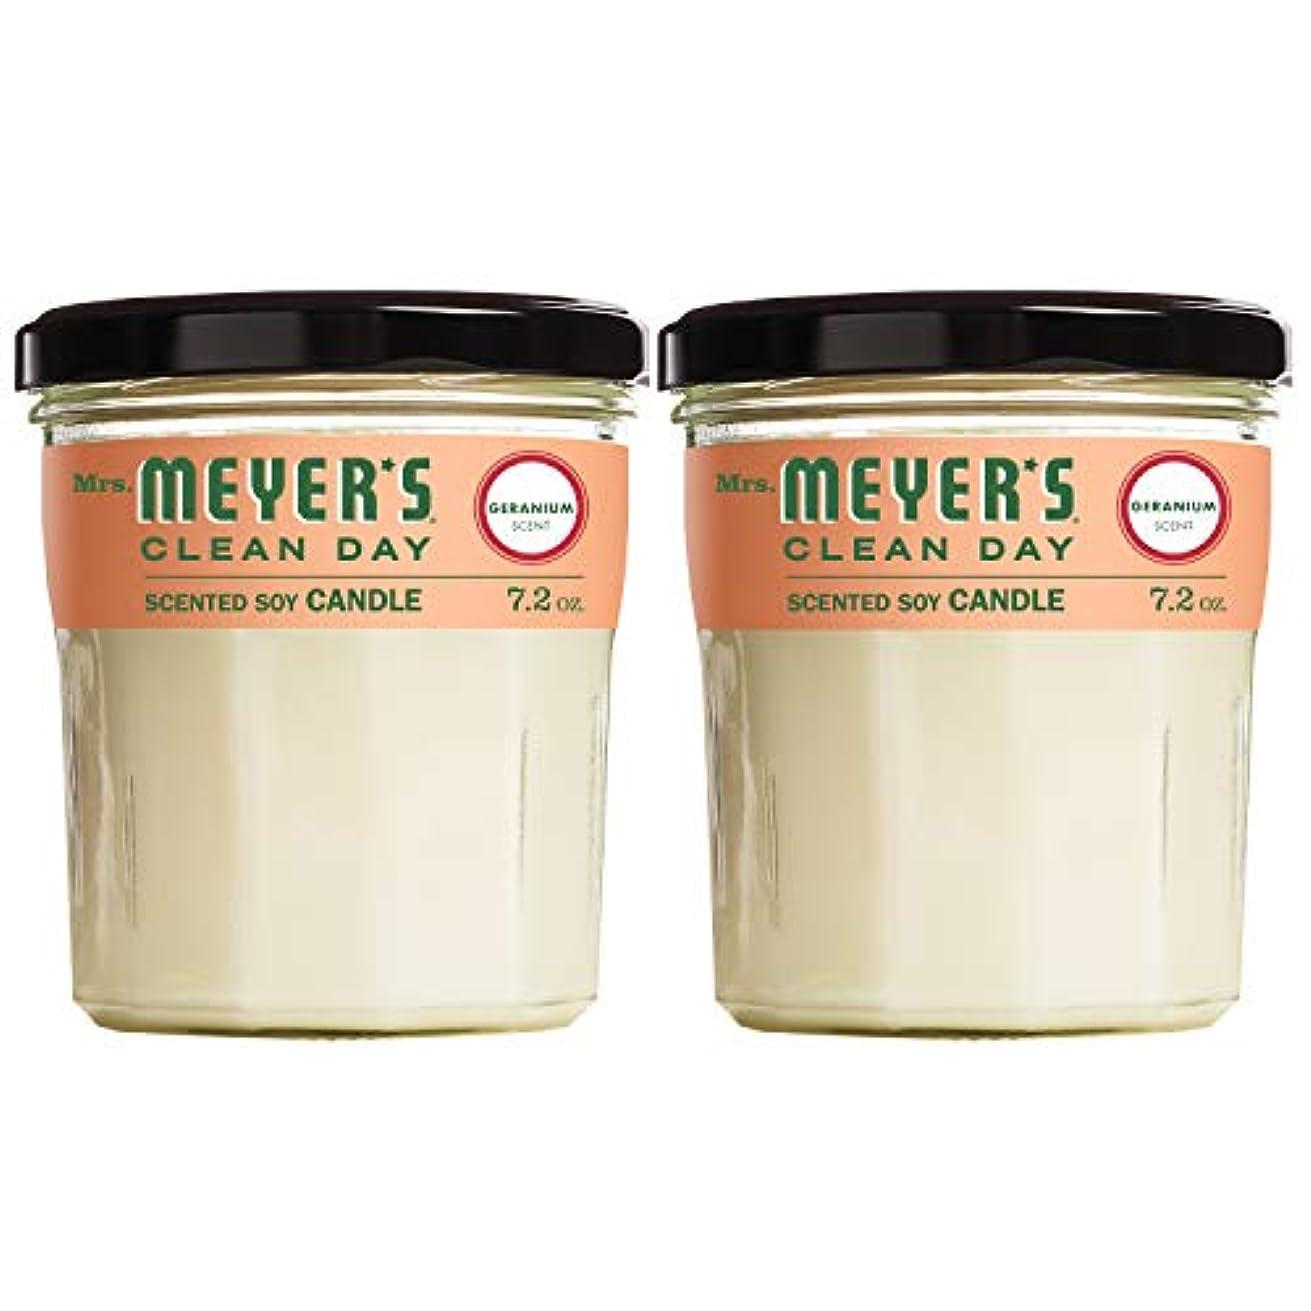 論理的にねじれコーラスMrs。Meyer 's Clean Day香りつきSoy Candle、大きなガラス、ゼラニウム、7.2 Oz